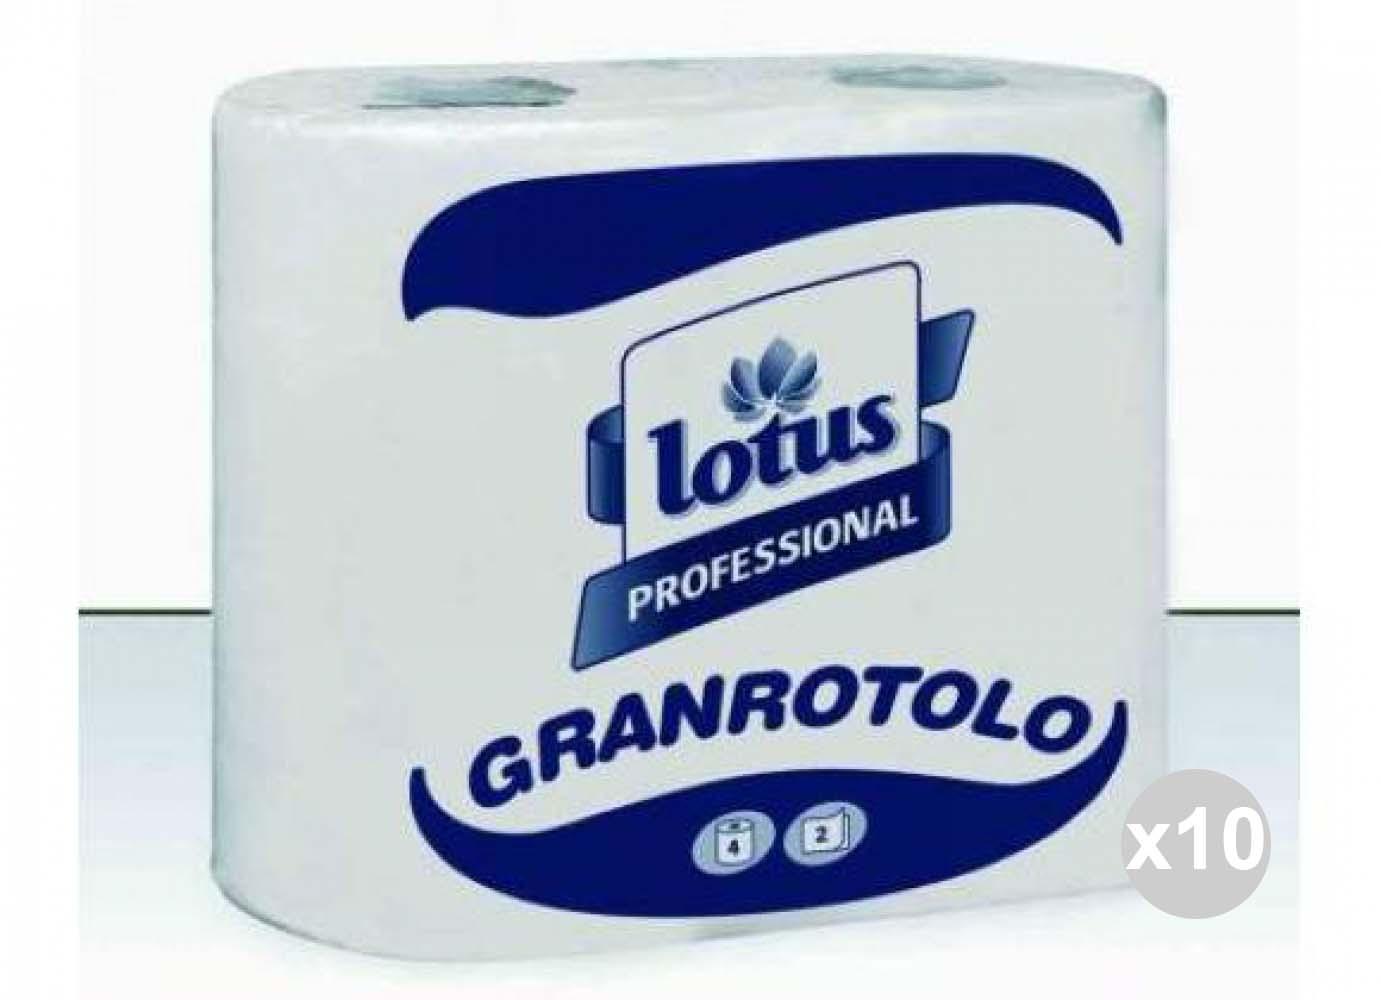 Acquista Set 10x4 40 Pz Totali Igienica 17545590 | Glooke.com